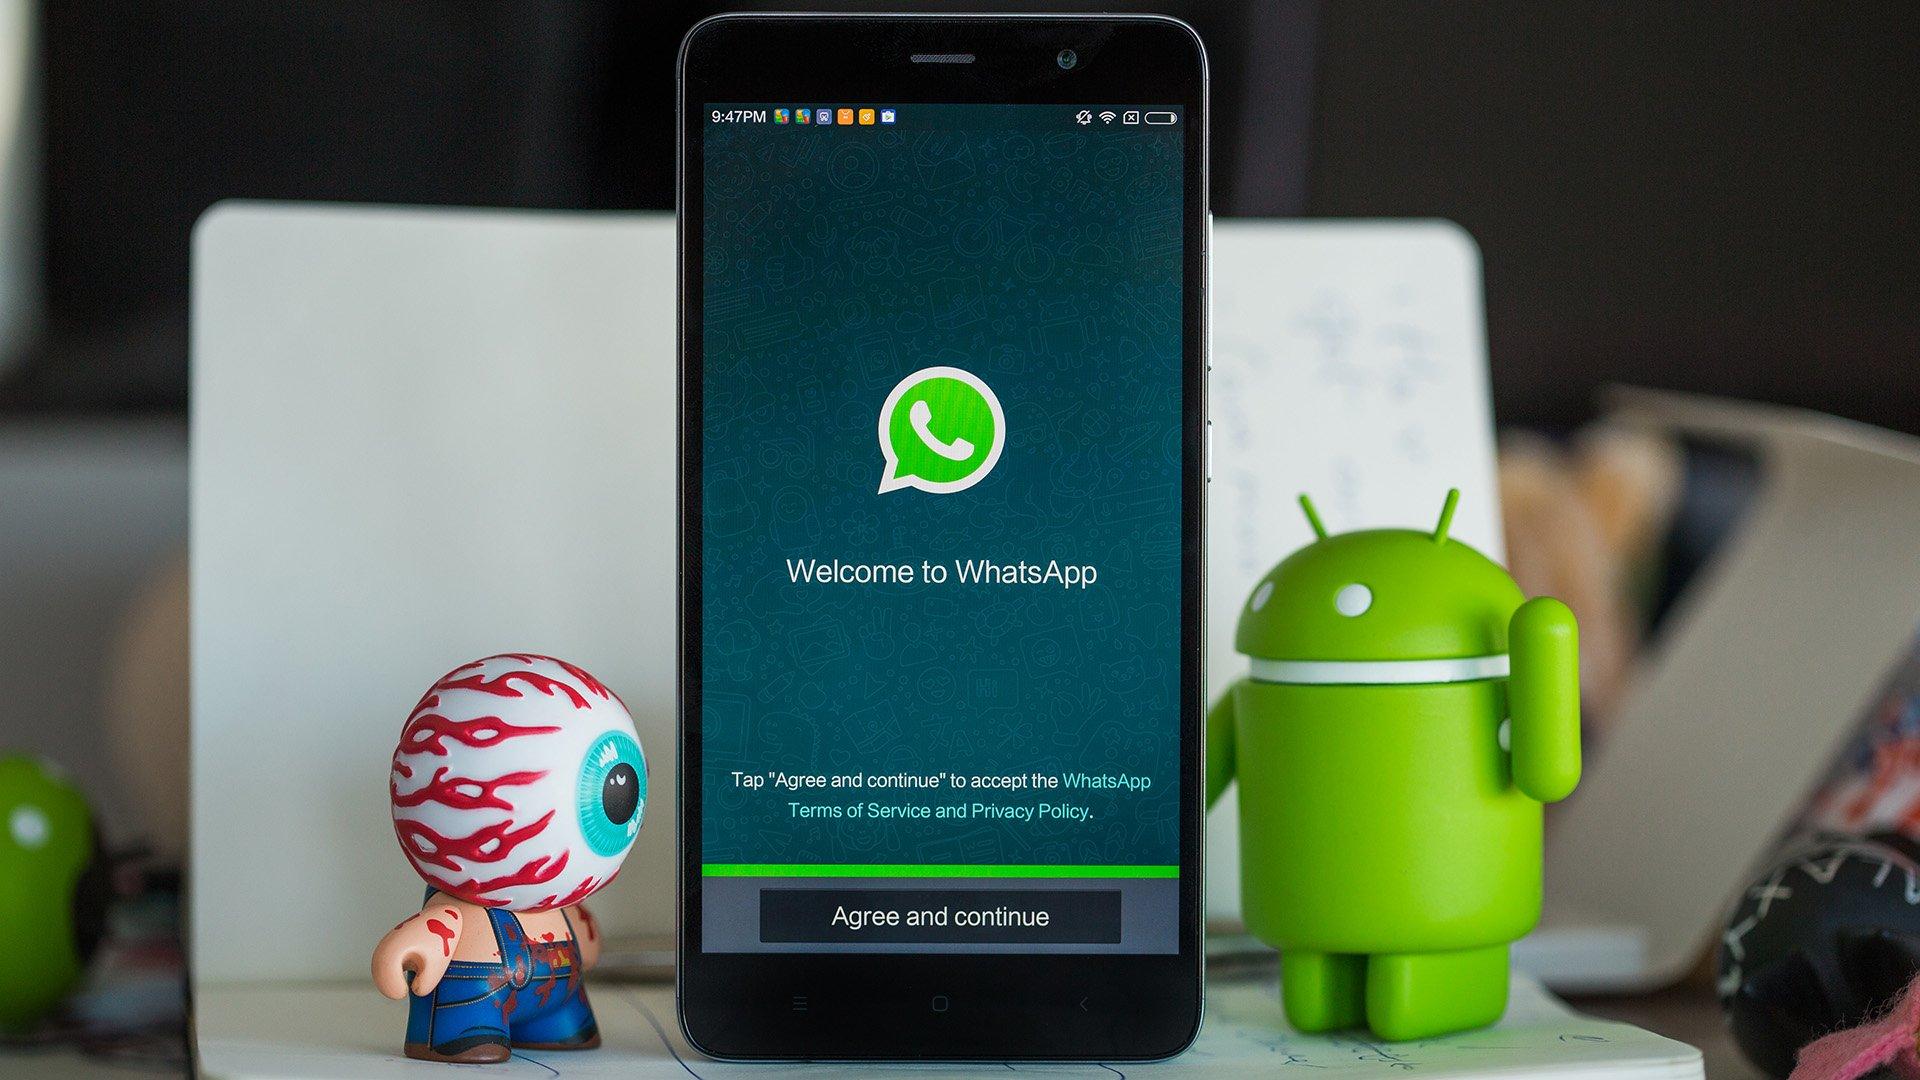 Segera akan mungkin untuk mentransfer uang melalui WhatsApp